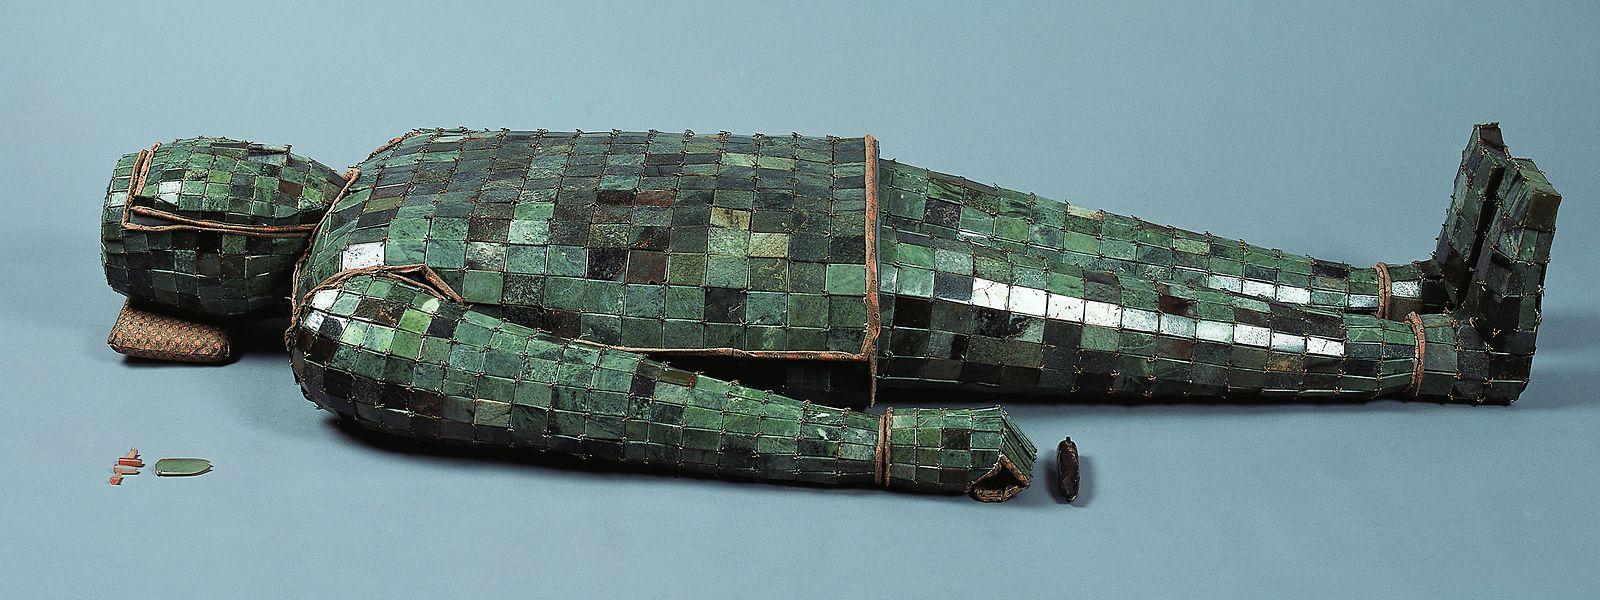 Ein Blickfang dabei ist ganz gewiss das Leichenkleid, das im Grab des Prinzen Liu Wu aus der westlichen Han-Dynastie (206 v. bis 8 n. Chr.) gefunden wurde. Es besteht aus 2008 Jadeplättchen, die mit goldenen Fäden verknüpft sind.